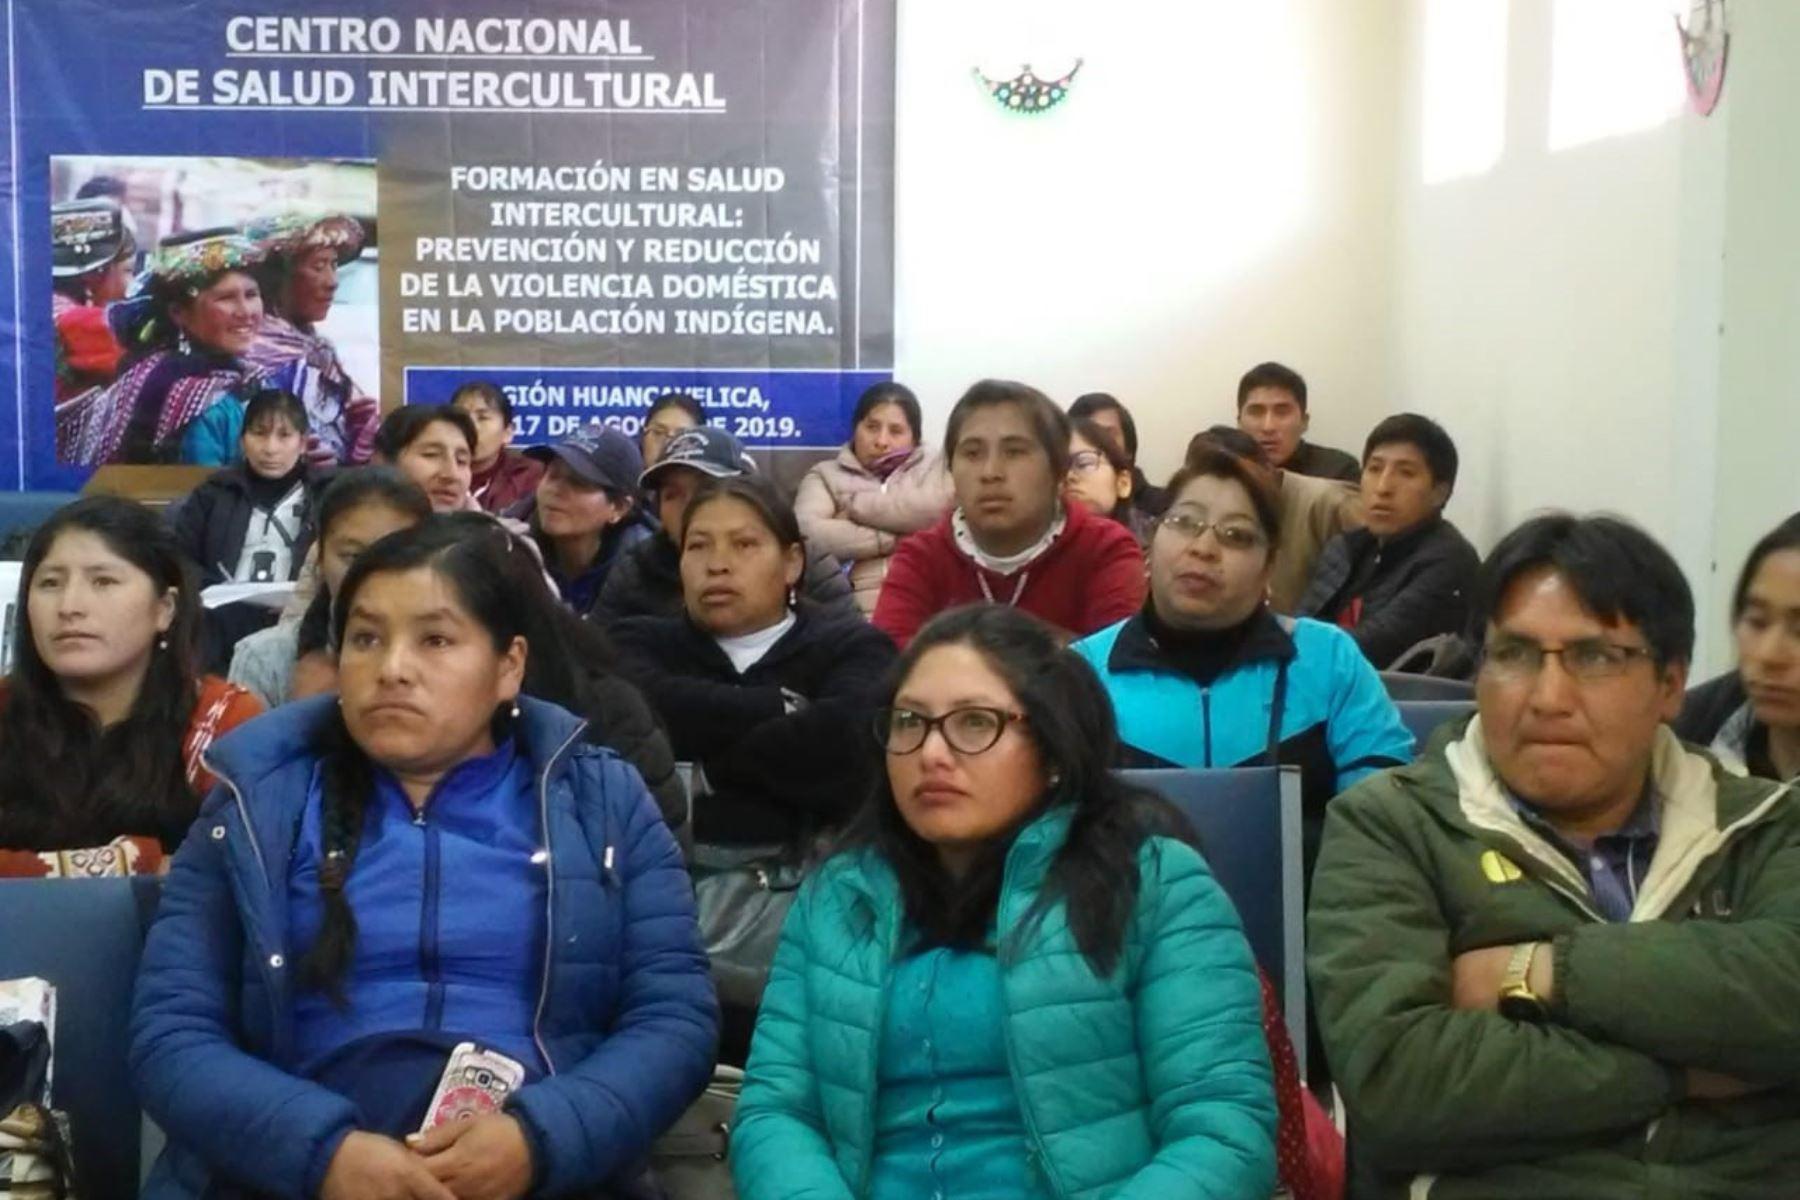 Instituto Nacional de Salud capacita en salud intercultural para la atención a poblaciones indígenas. ANDINA/Difusión